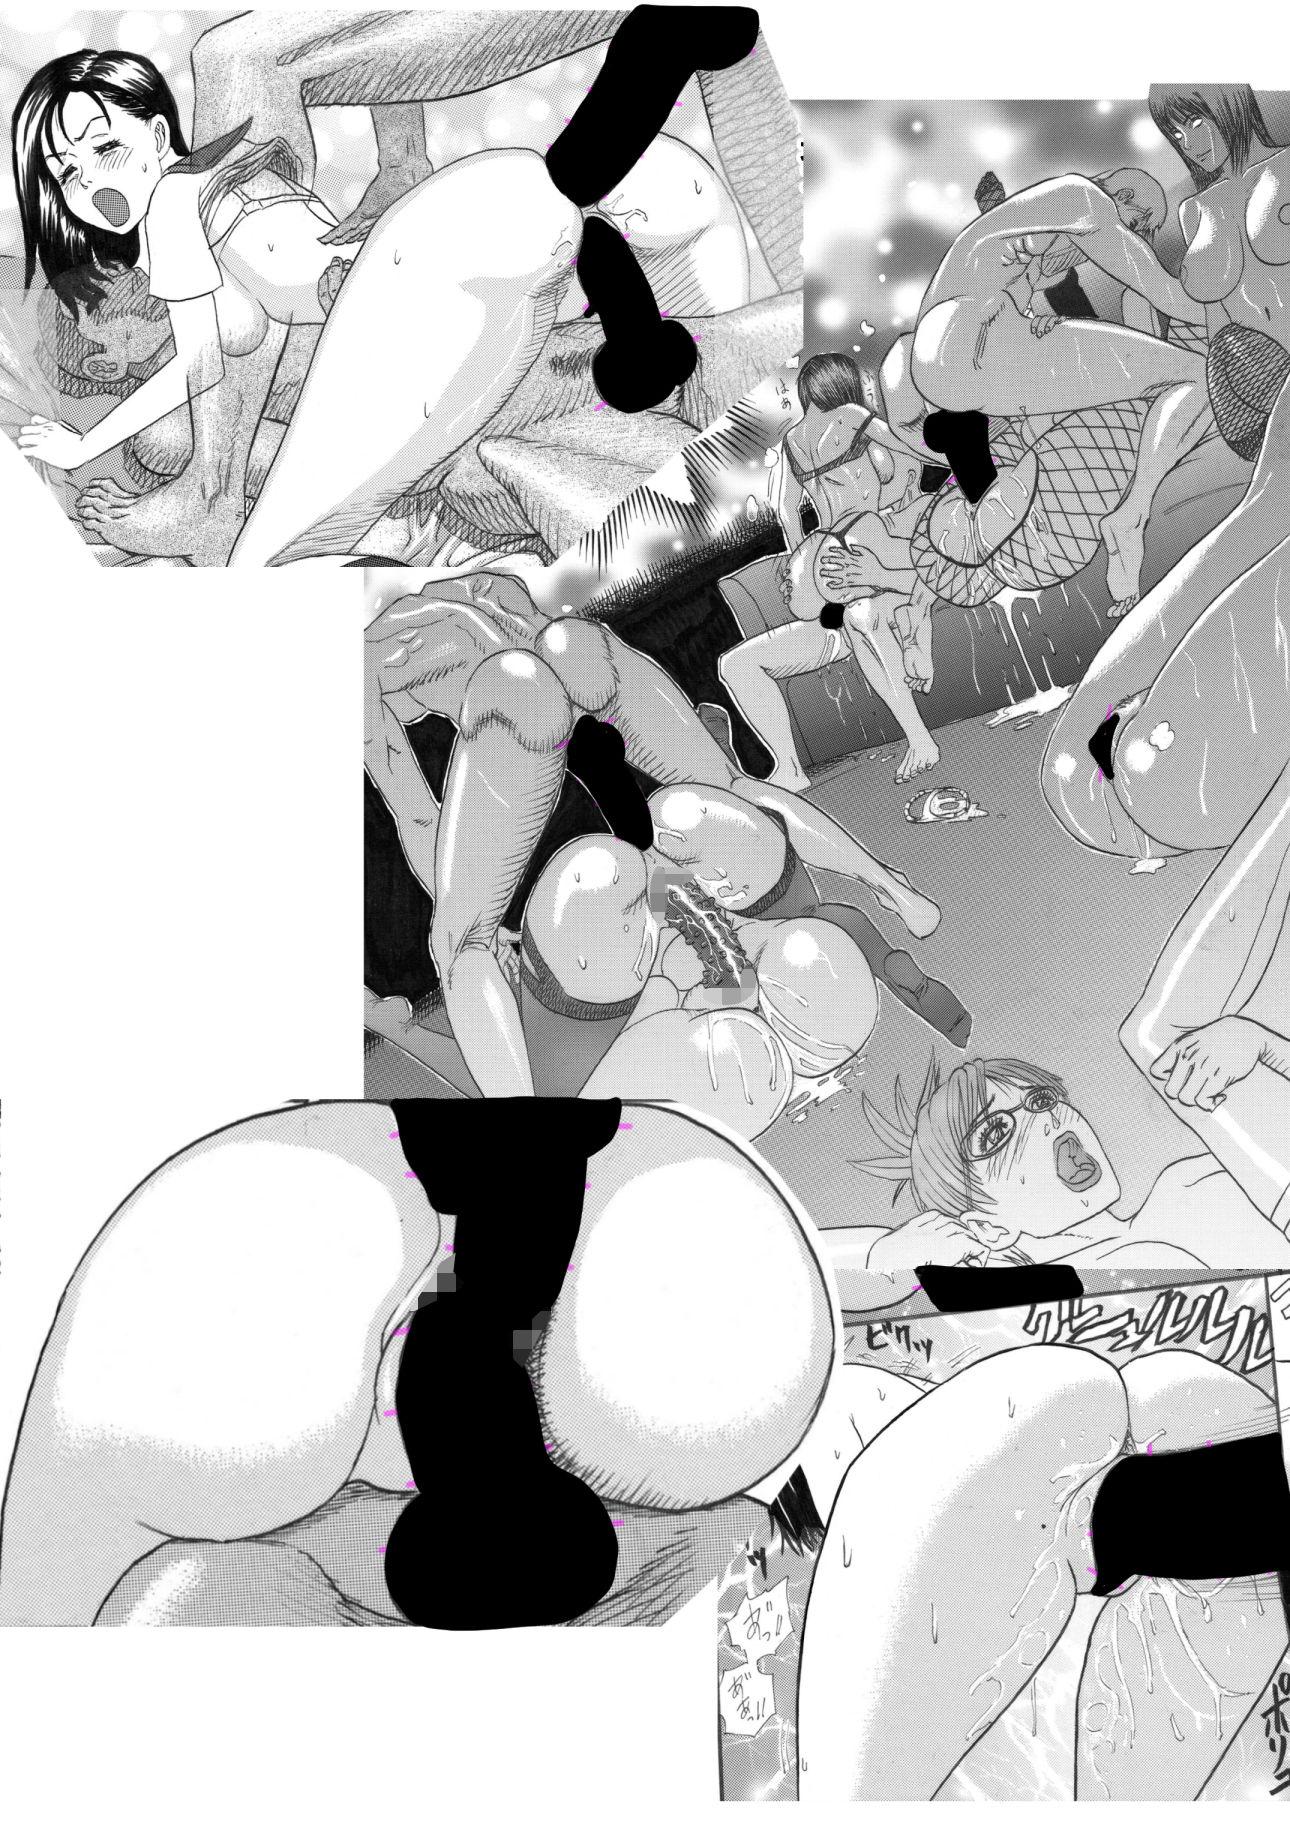 黒歴史エロ漫画5本詰め合わせのサンプル画像3